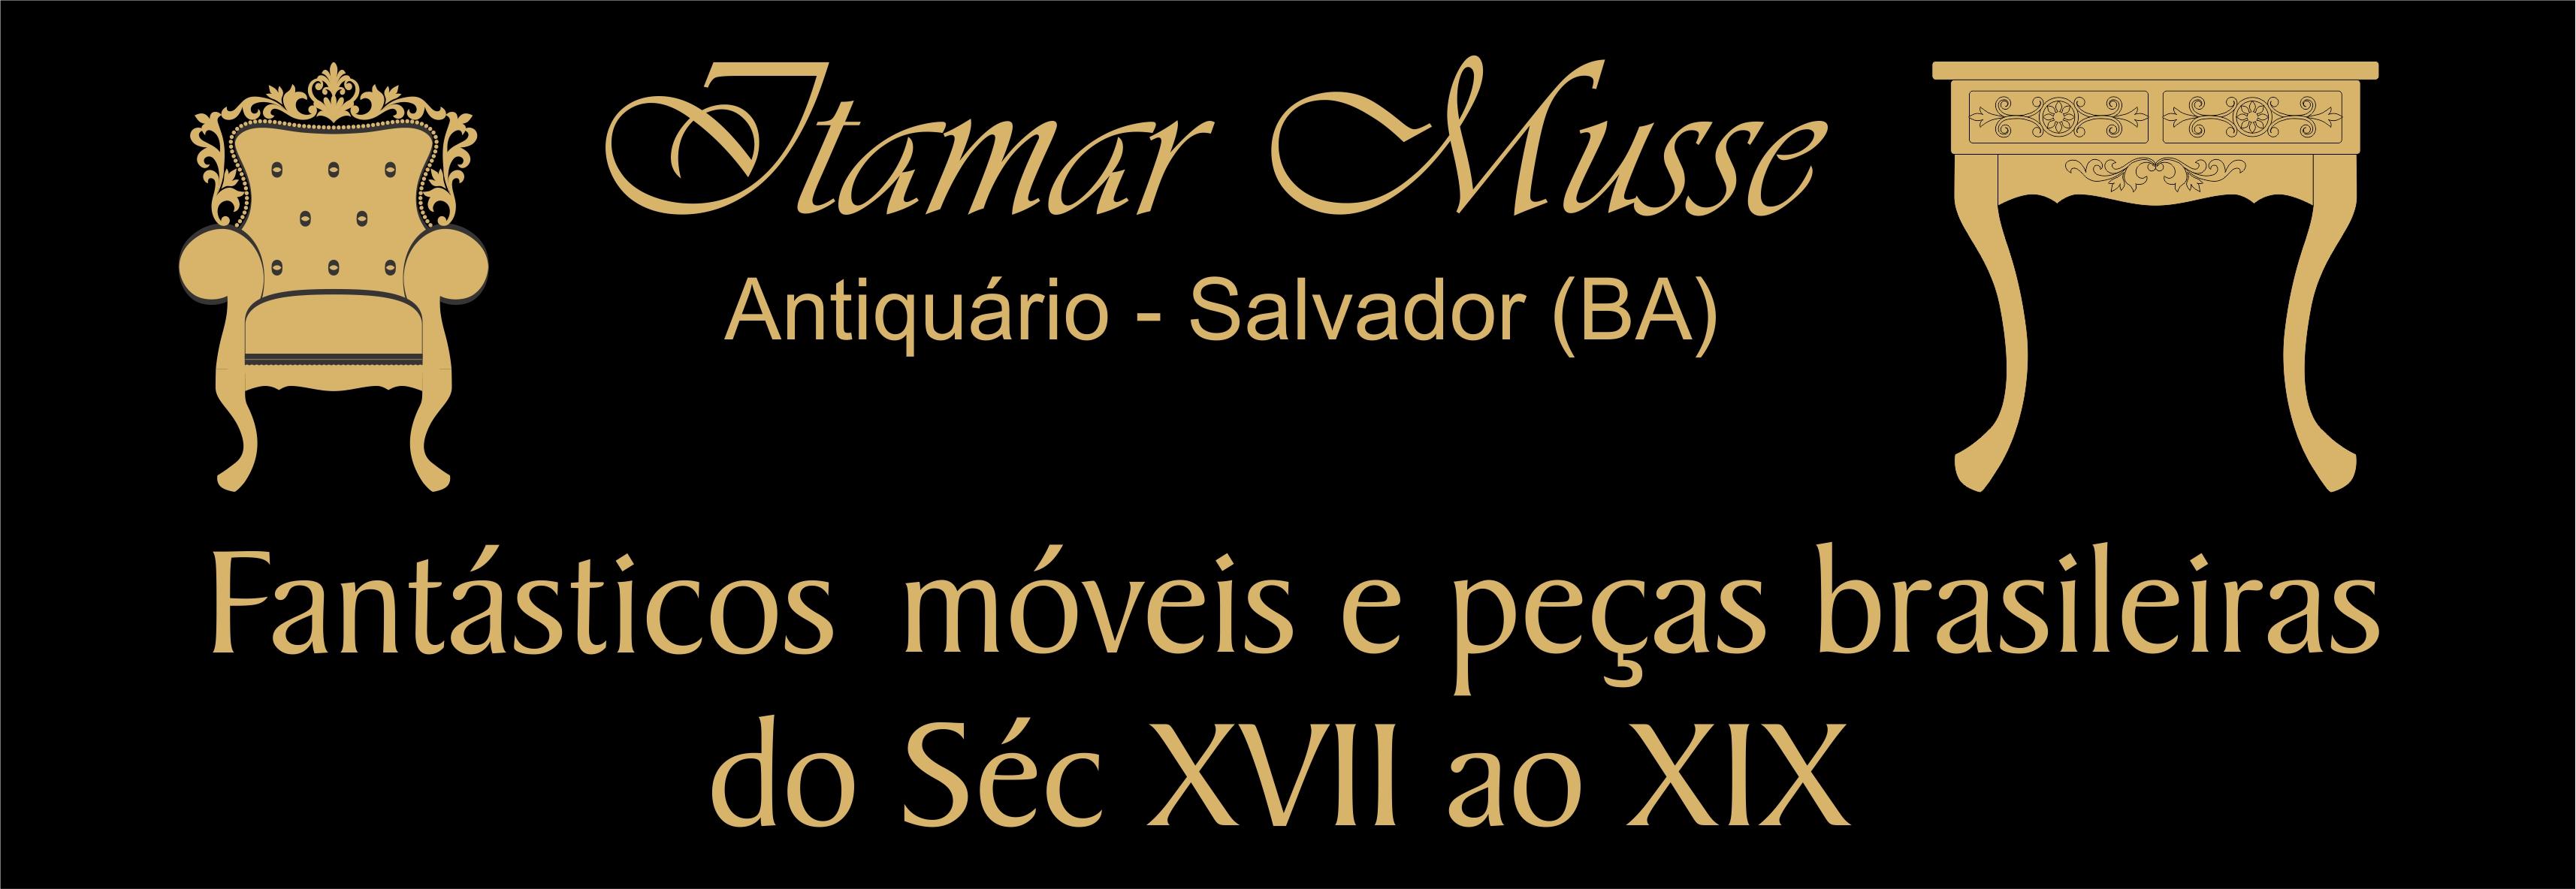 Itamar Musse